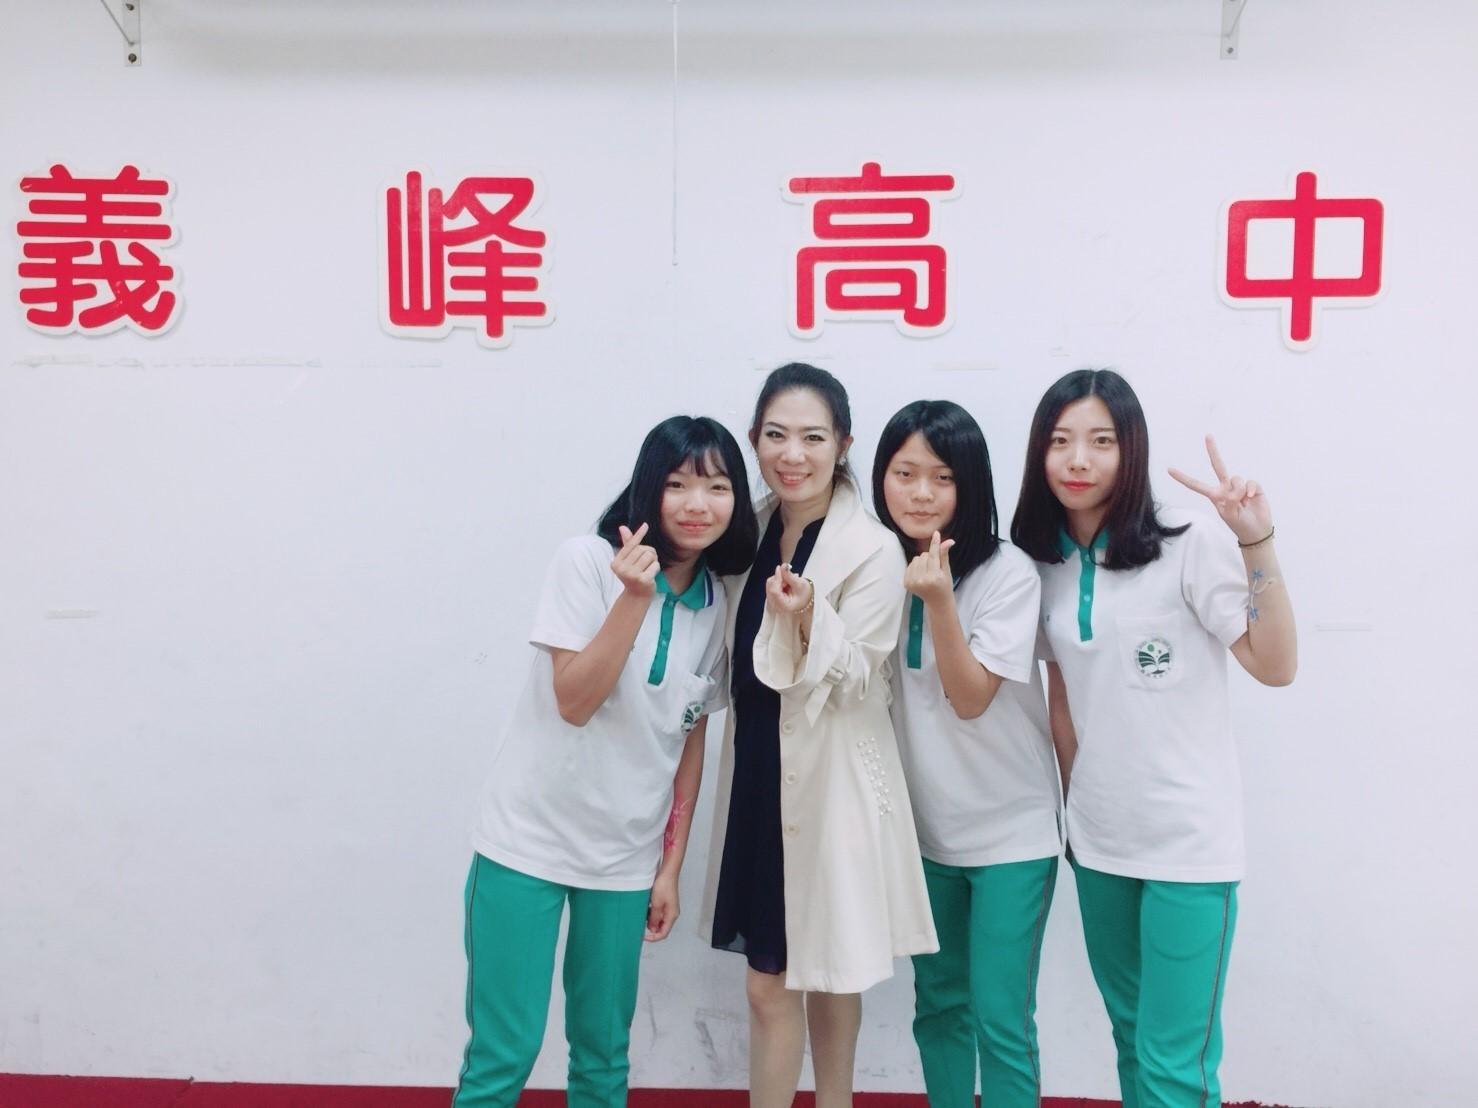 2018_4_12 義鋒高中演講_1.jpg